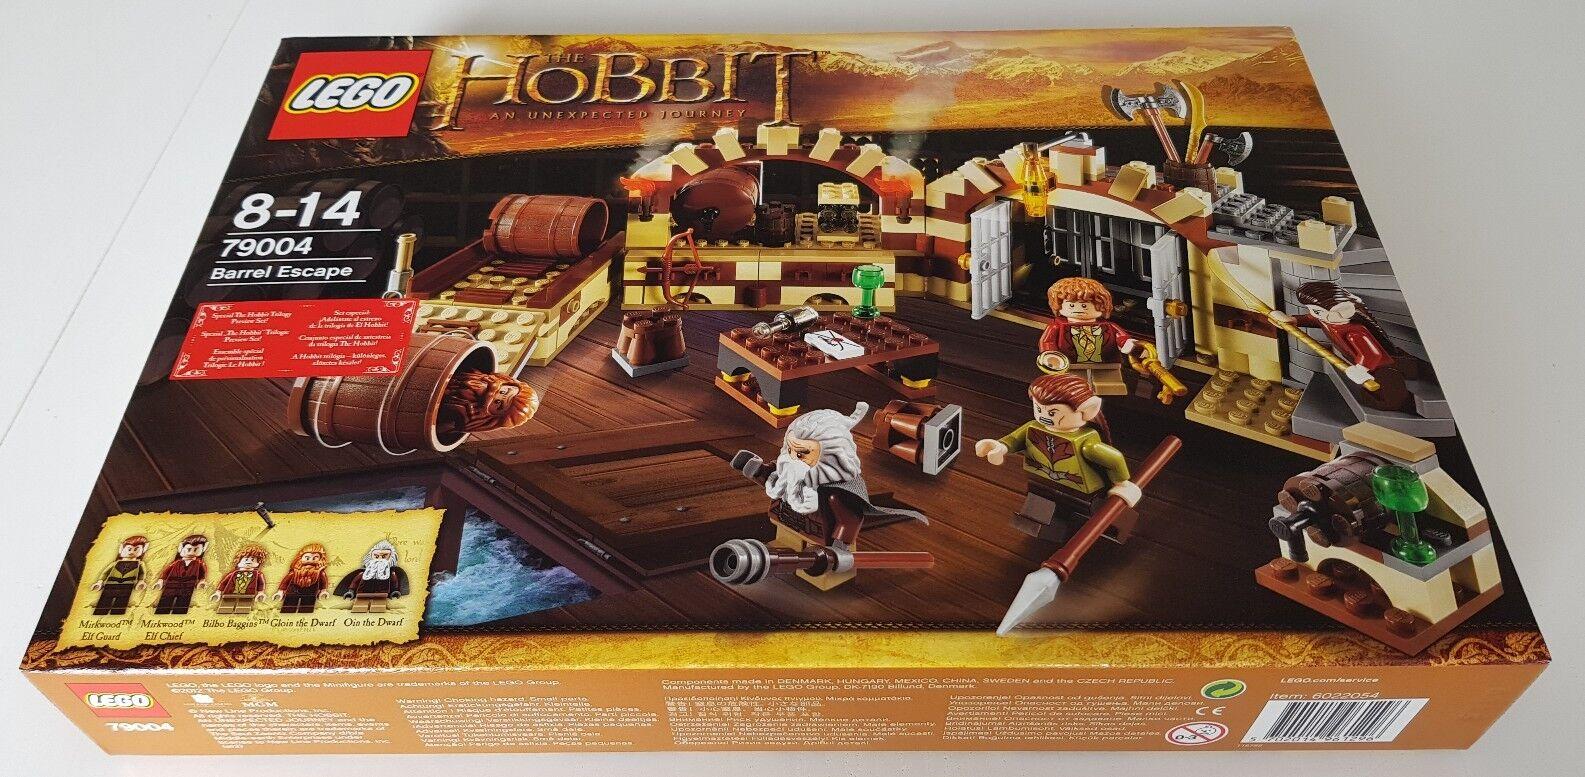 LEGO DER HOBBIT: Die große Flucht (79004) ORIG. VERSIEGELT - MISB - FÜR SAMMLER